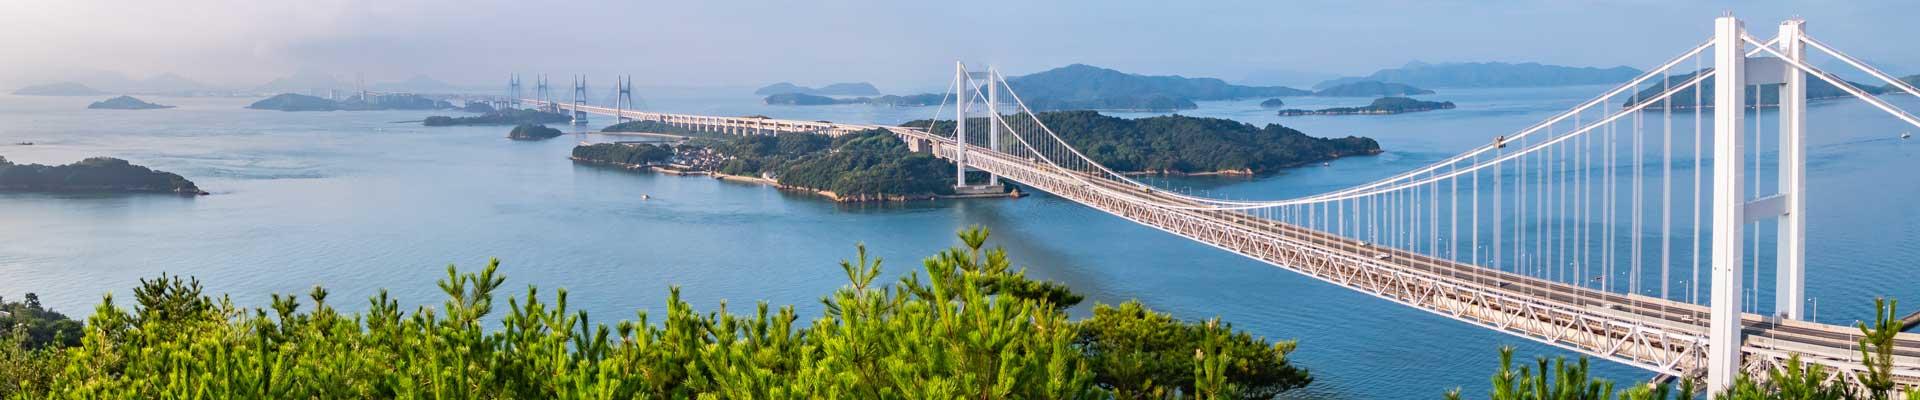 ひじきブログ|岡山県の瀬戸内海産とれたてひじき、安心の国産の鉄釜製法、生炊き、直売、産地直送の情報をエビス水産がお届けしています。